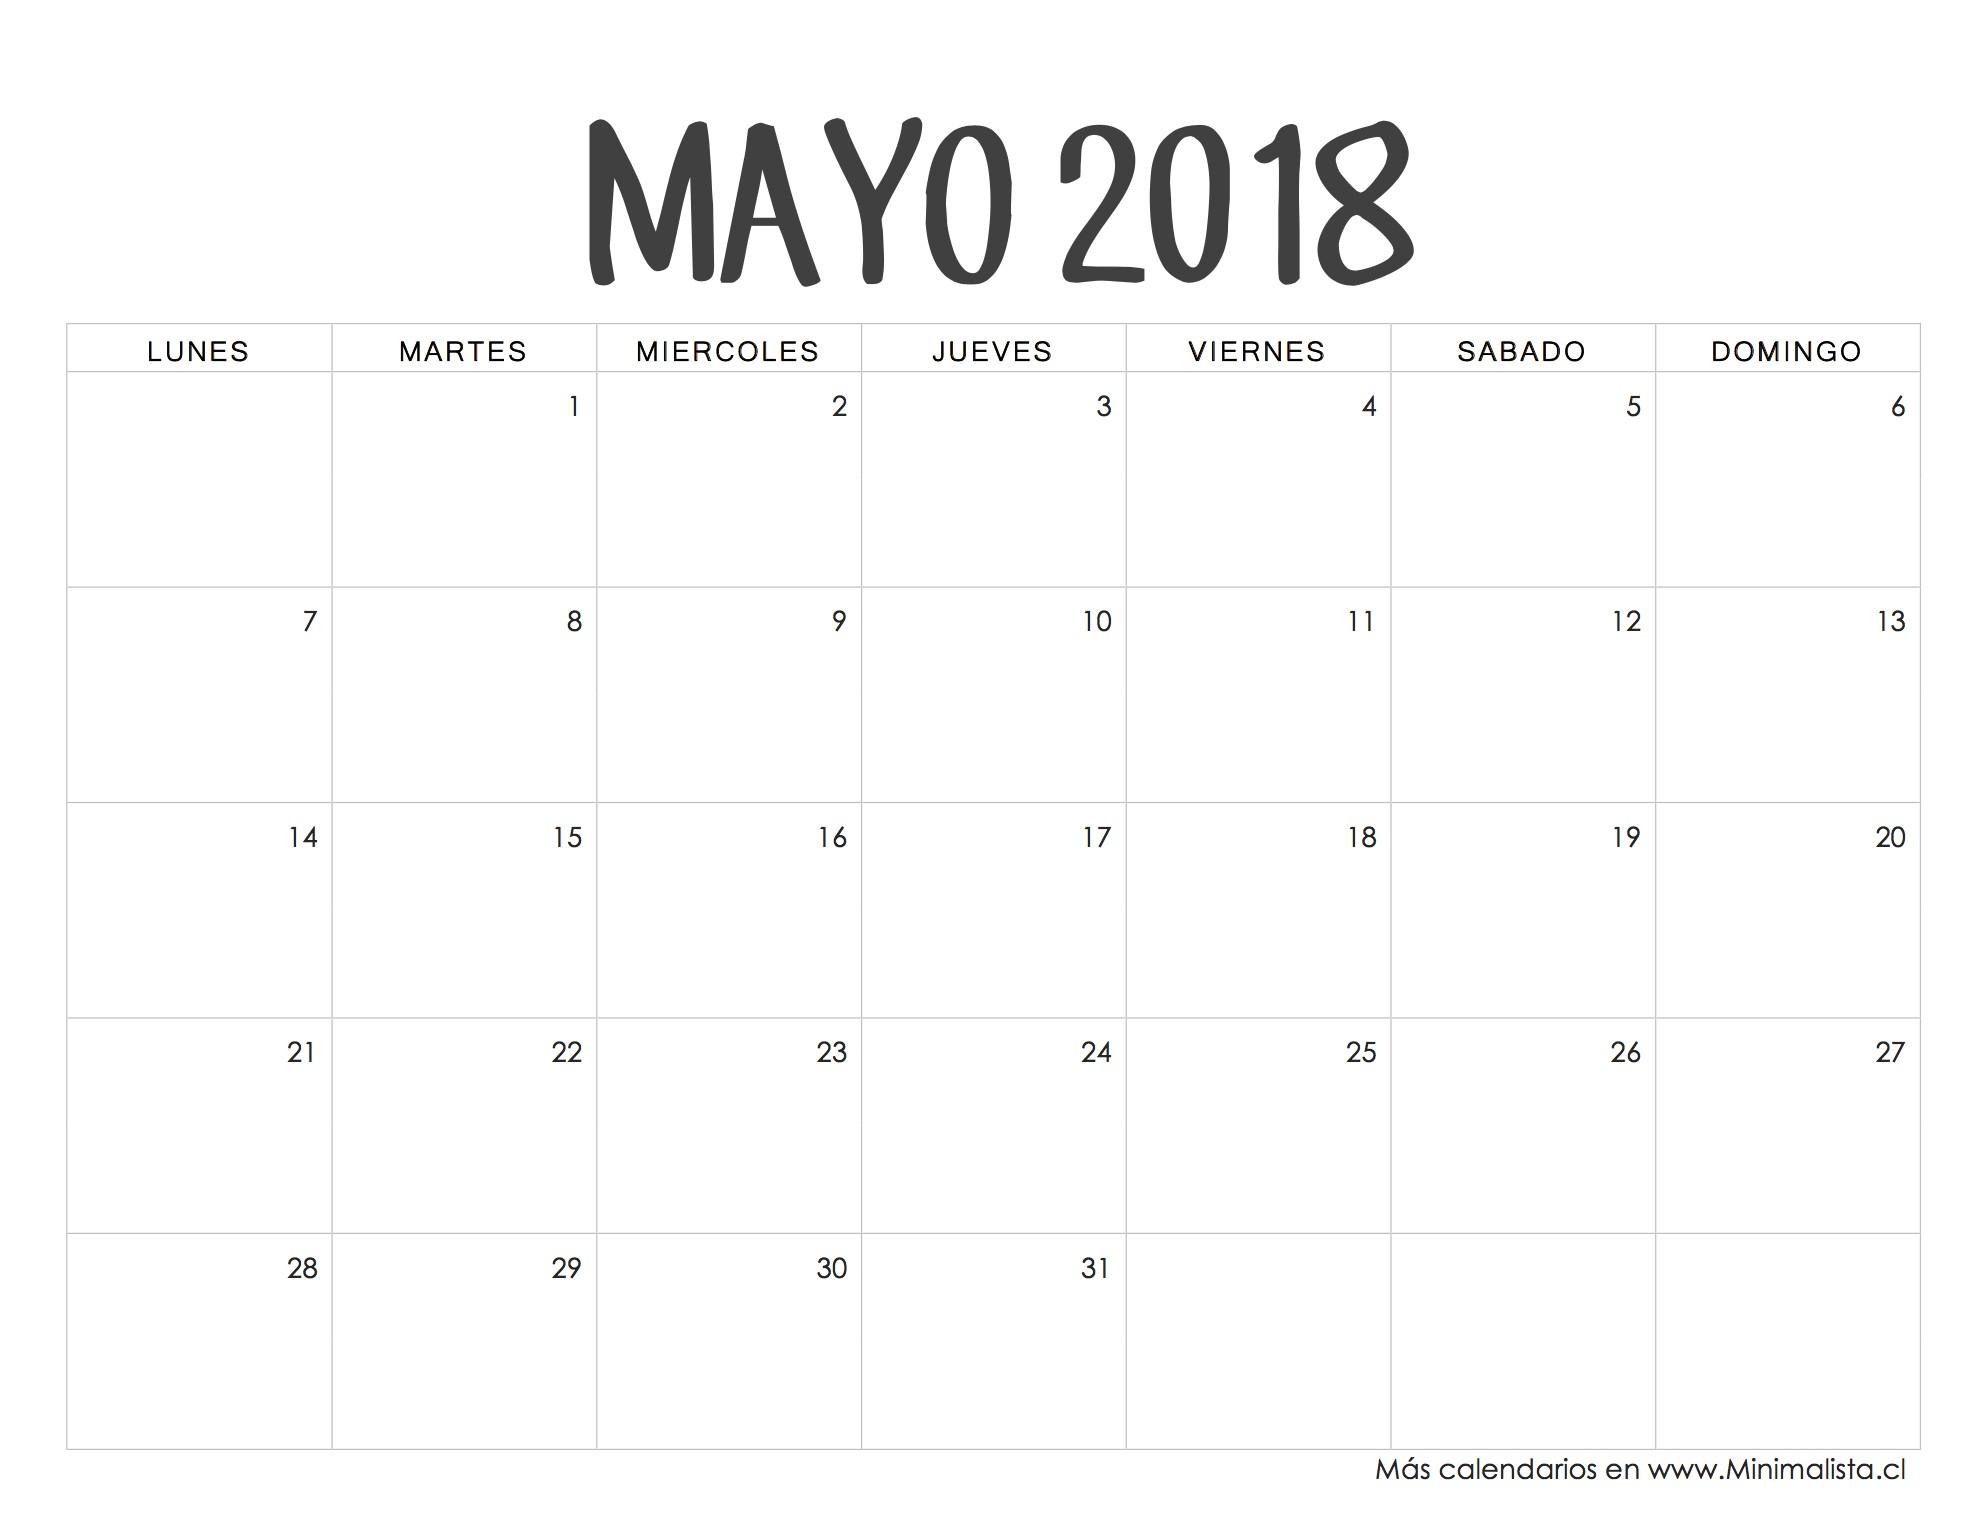 Calendario Semanal Para Imprimir 2017 Más Actual Calendario Mayo 2018 Calendario 2017 Pinterest Of Calendario Semanal Para Imprimir 2017 Más Recientemente Liberado List Of Synonyms and Antonyms Of the Word Agenda 2016 Enero